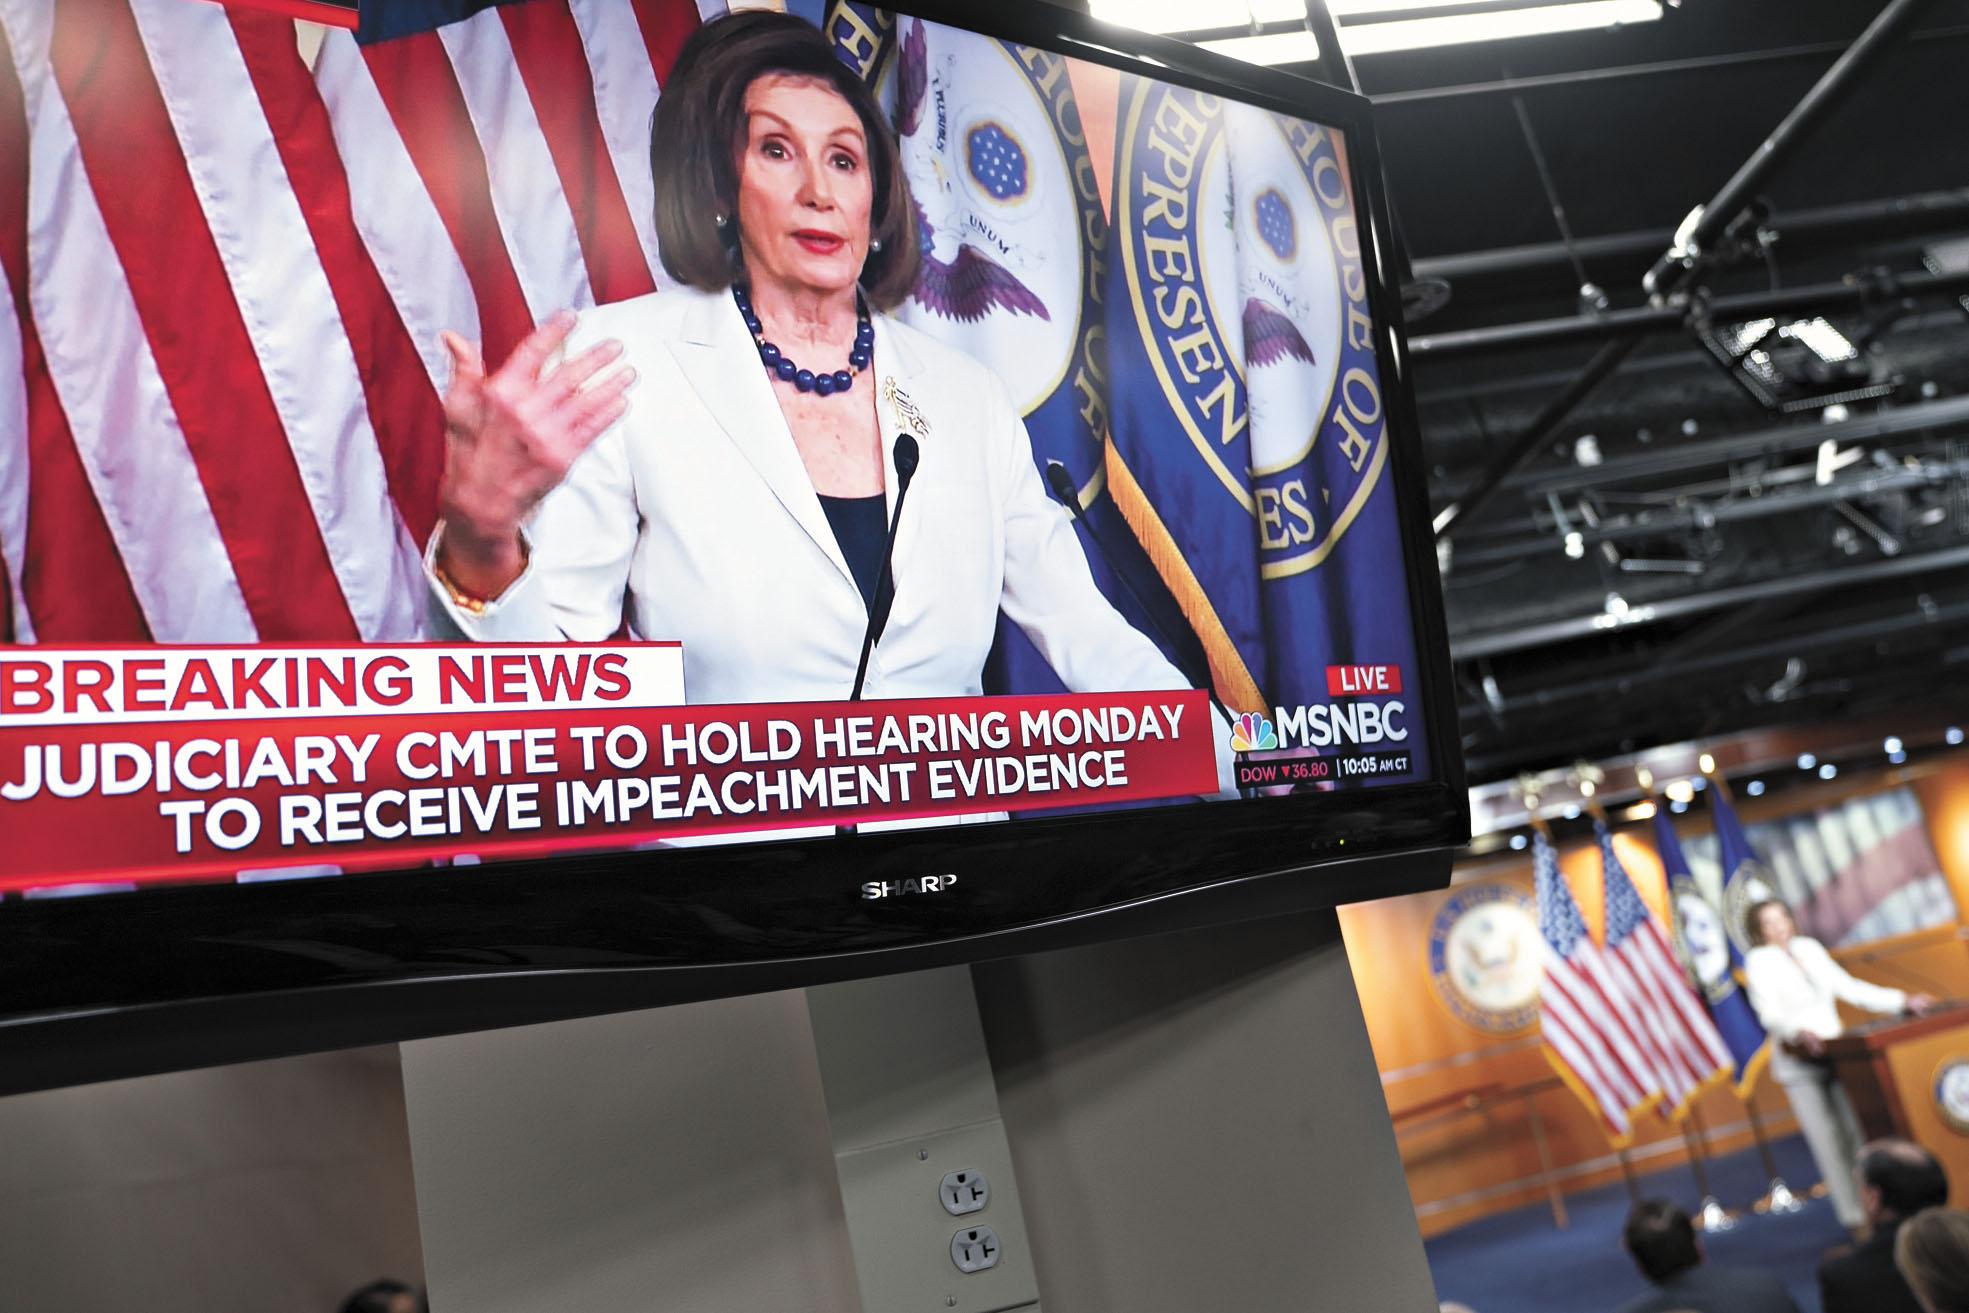 電視畫面顯示,普洛西5日在華盛頓國會召開的新聞發布會上發言,要求眾議院司法委員會起草彈劾特朗普的起訴書。彭博社